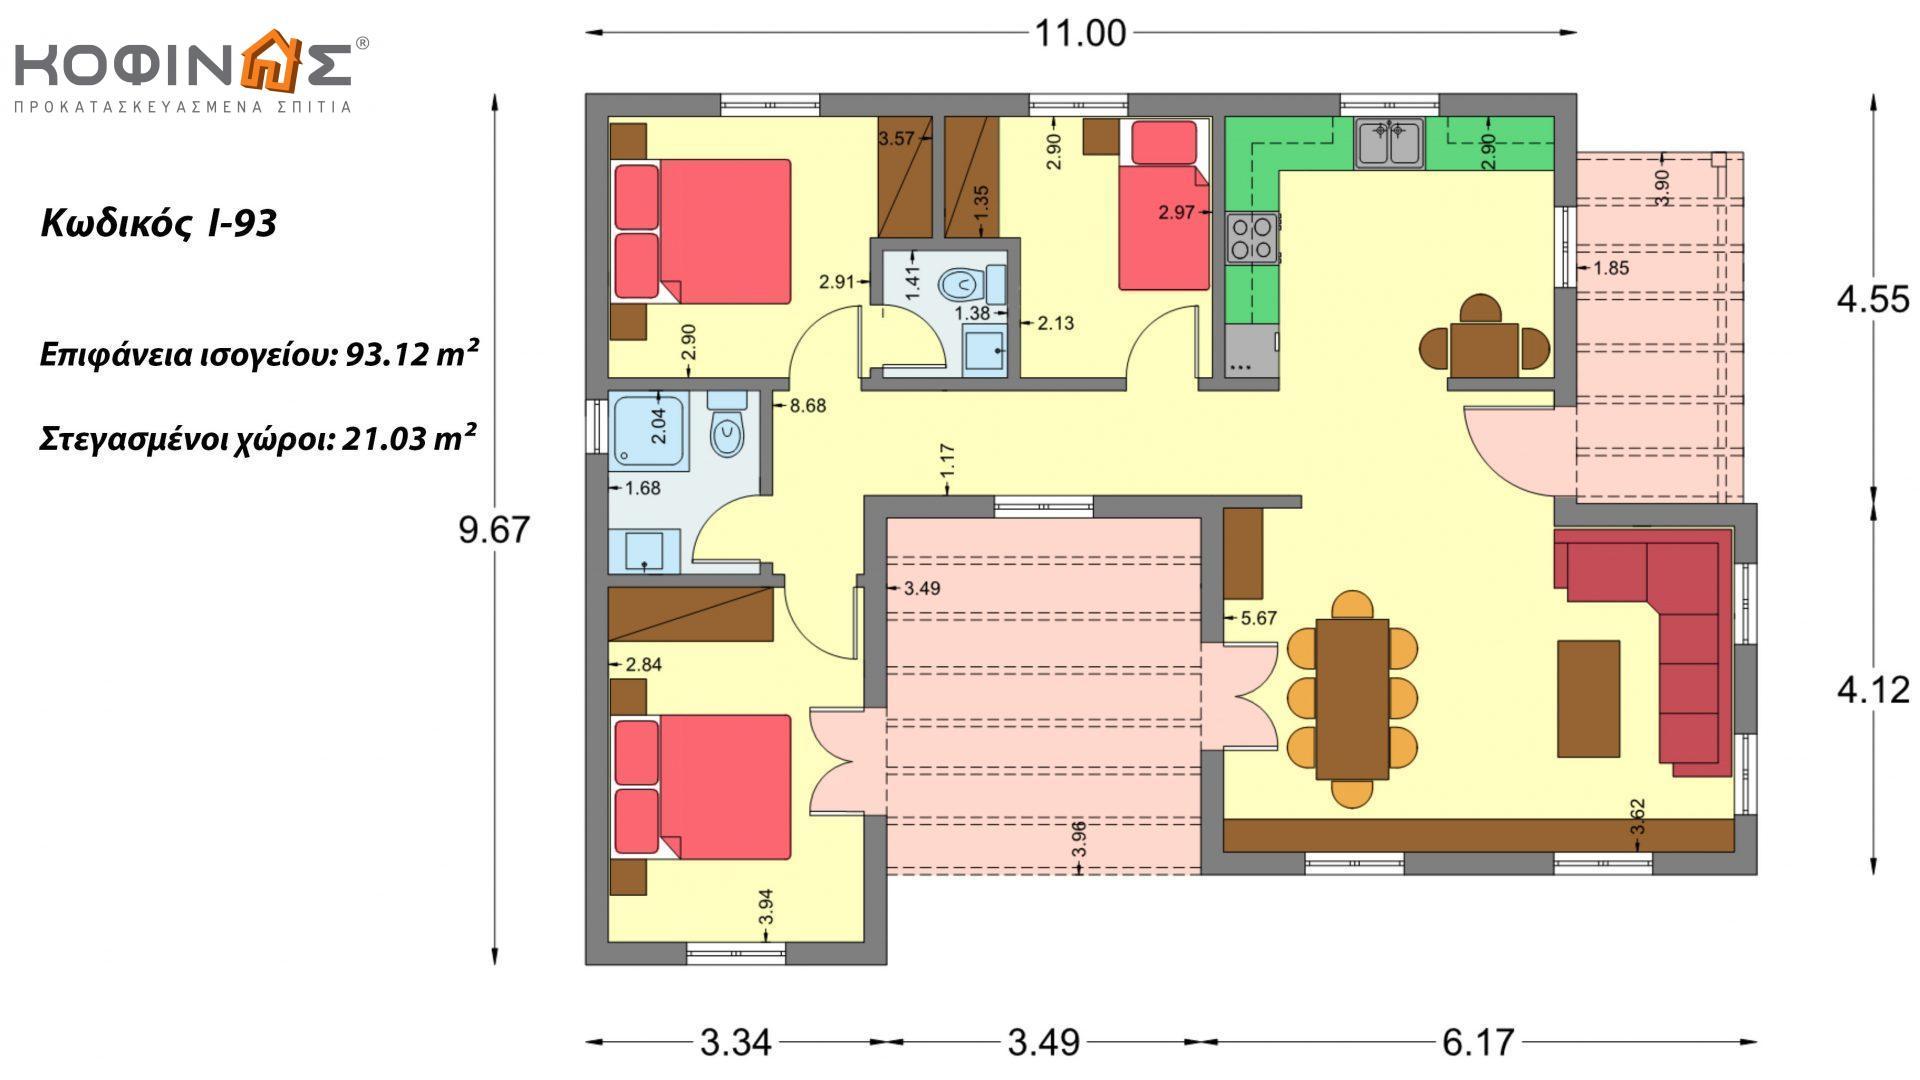 Ισόγεια Κατοικία I-93 συνολικής επιφάνειας 93,12 τ.μ., στεγασμένοι χώροι 21,03 τ.μ